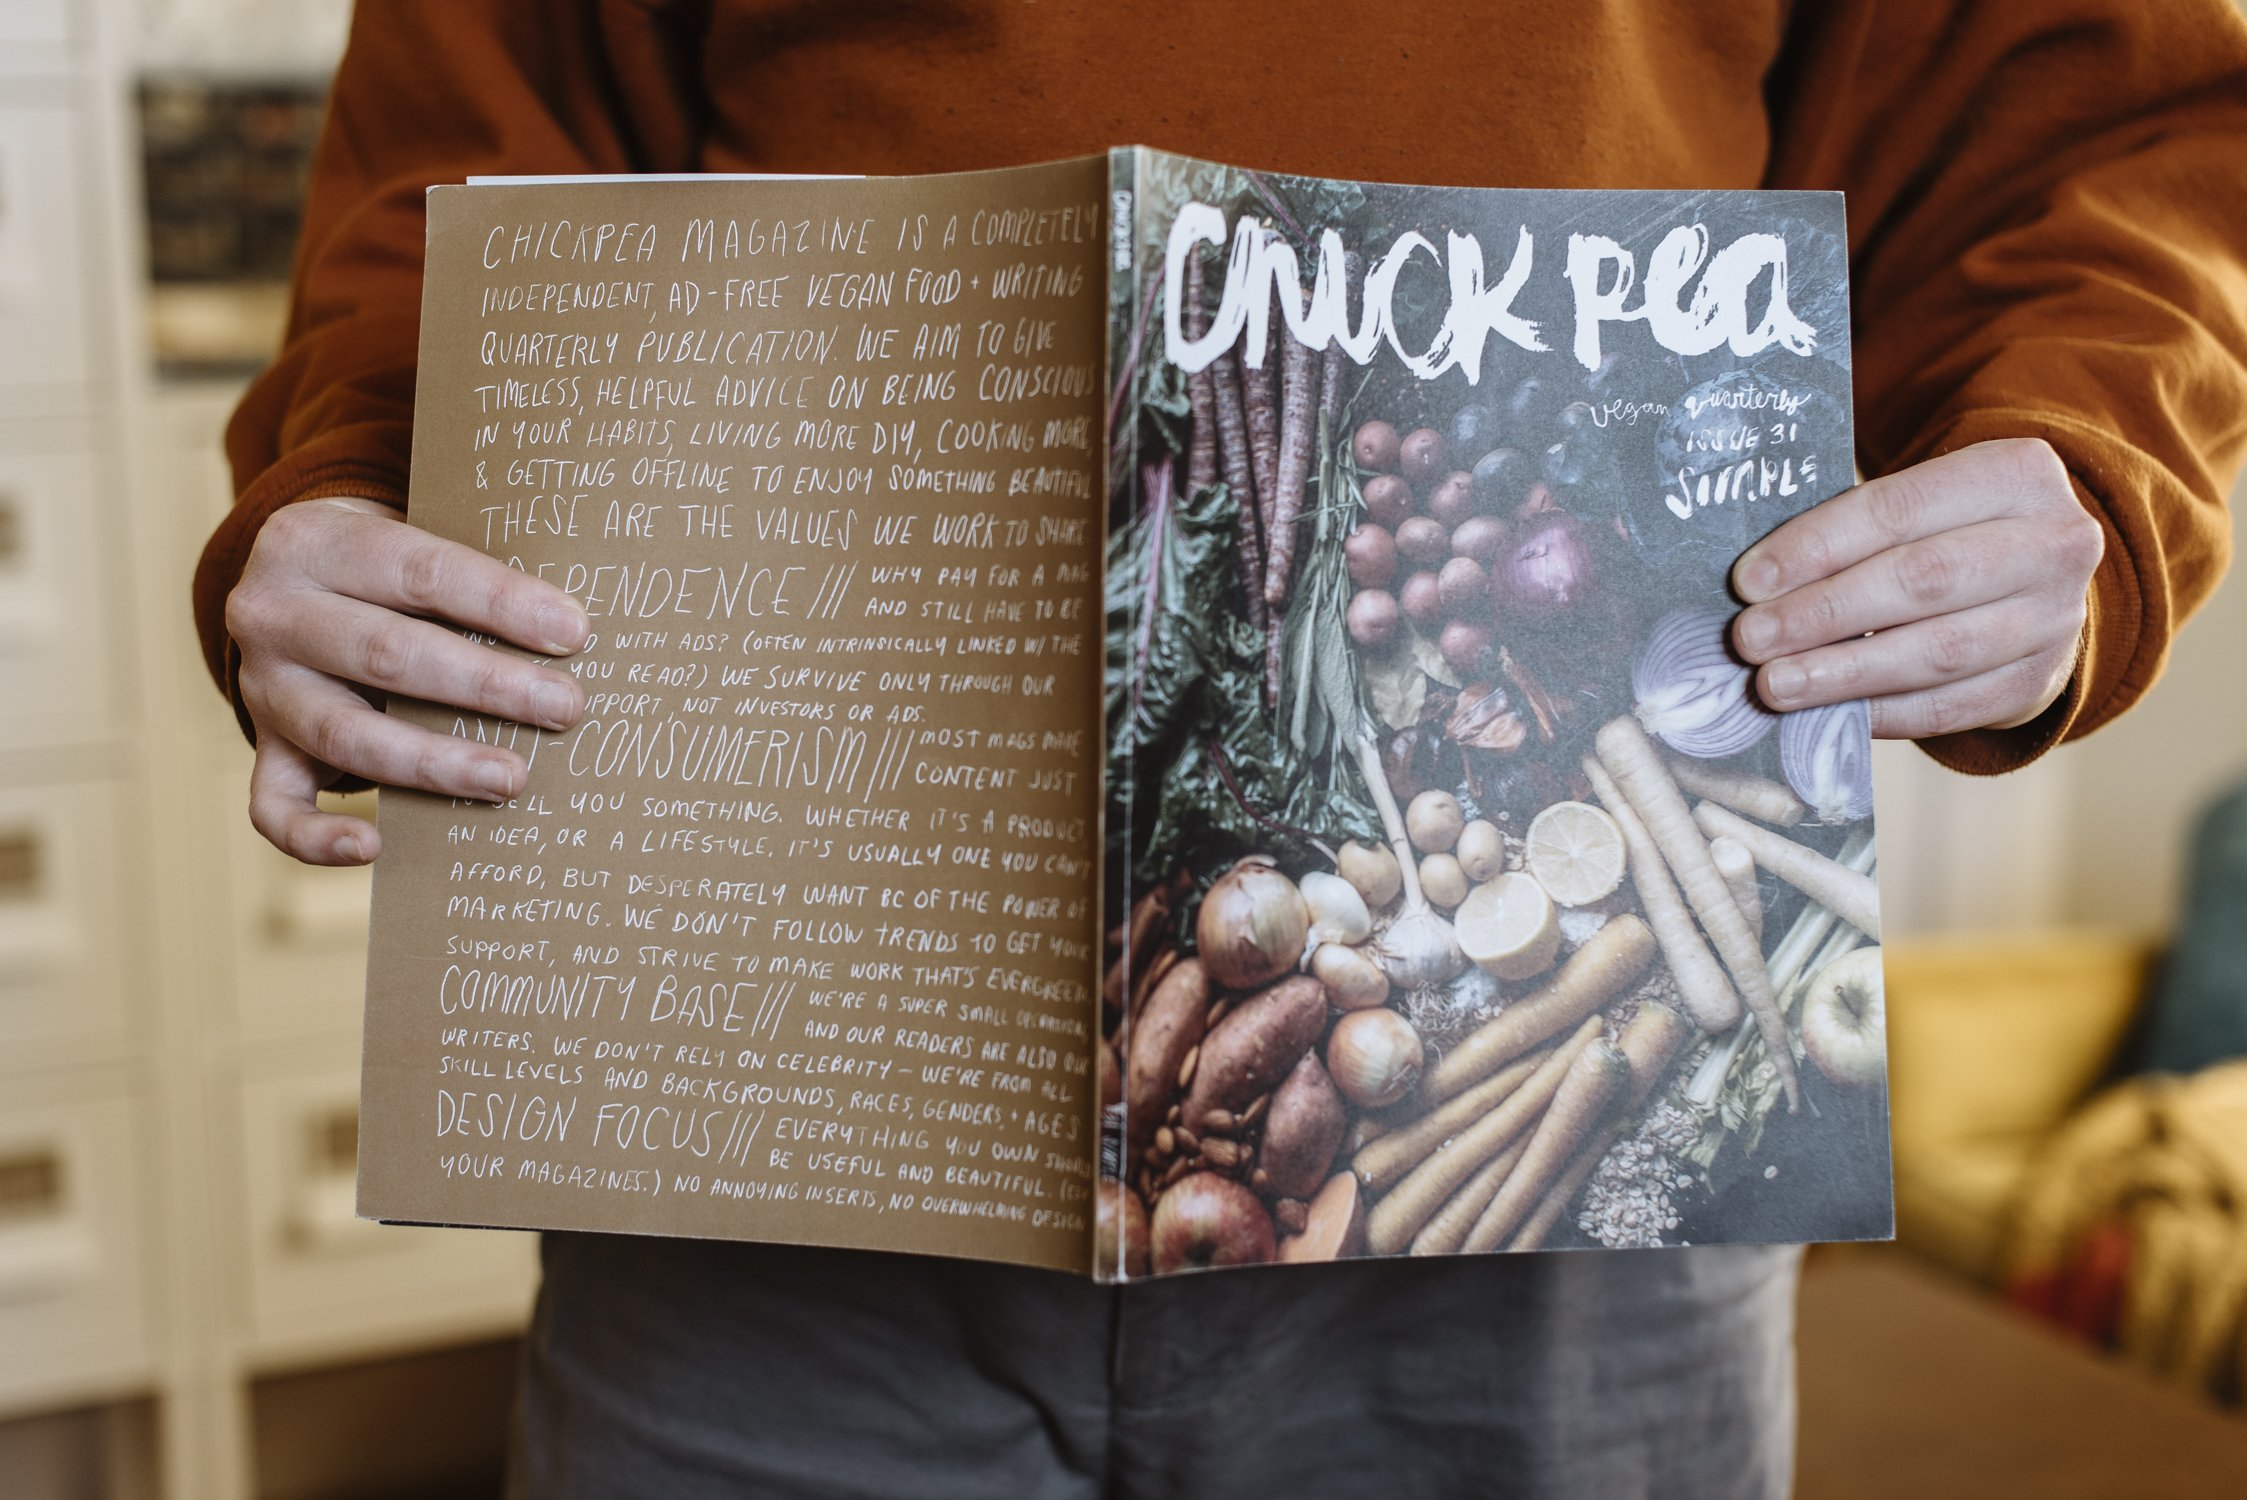 chickpeamagazine